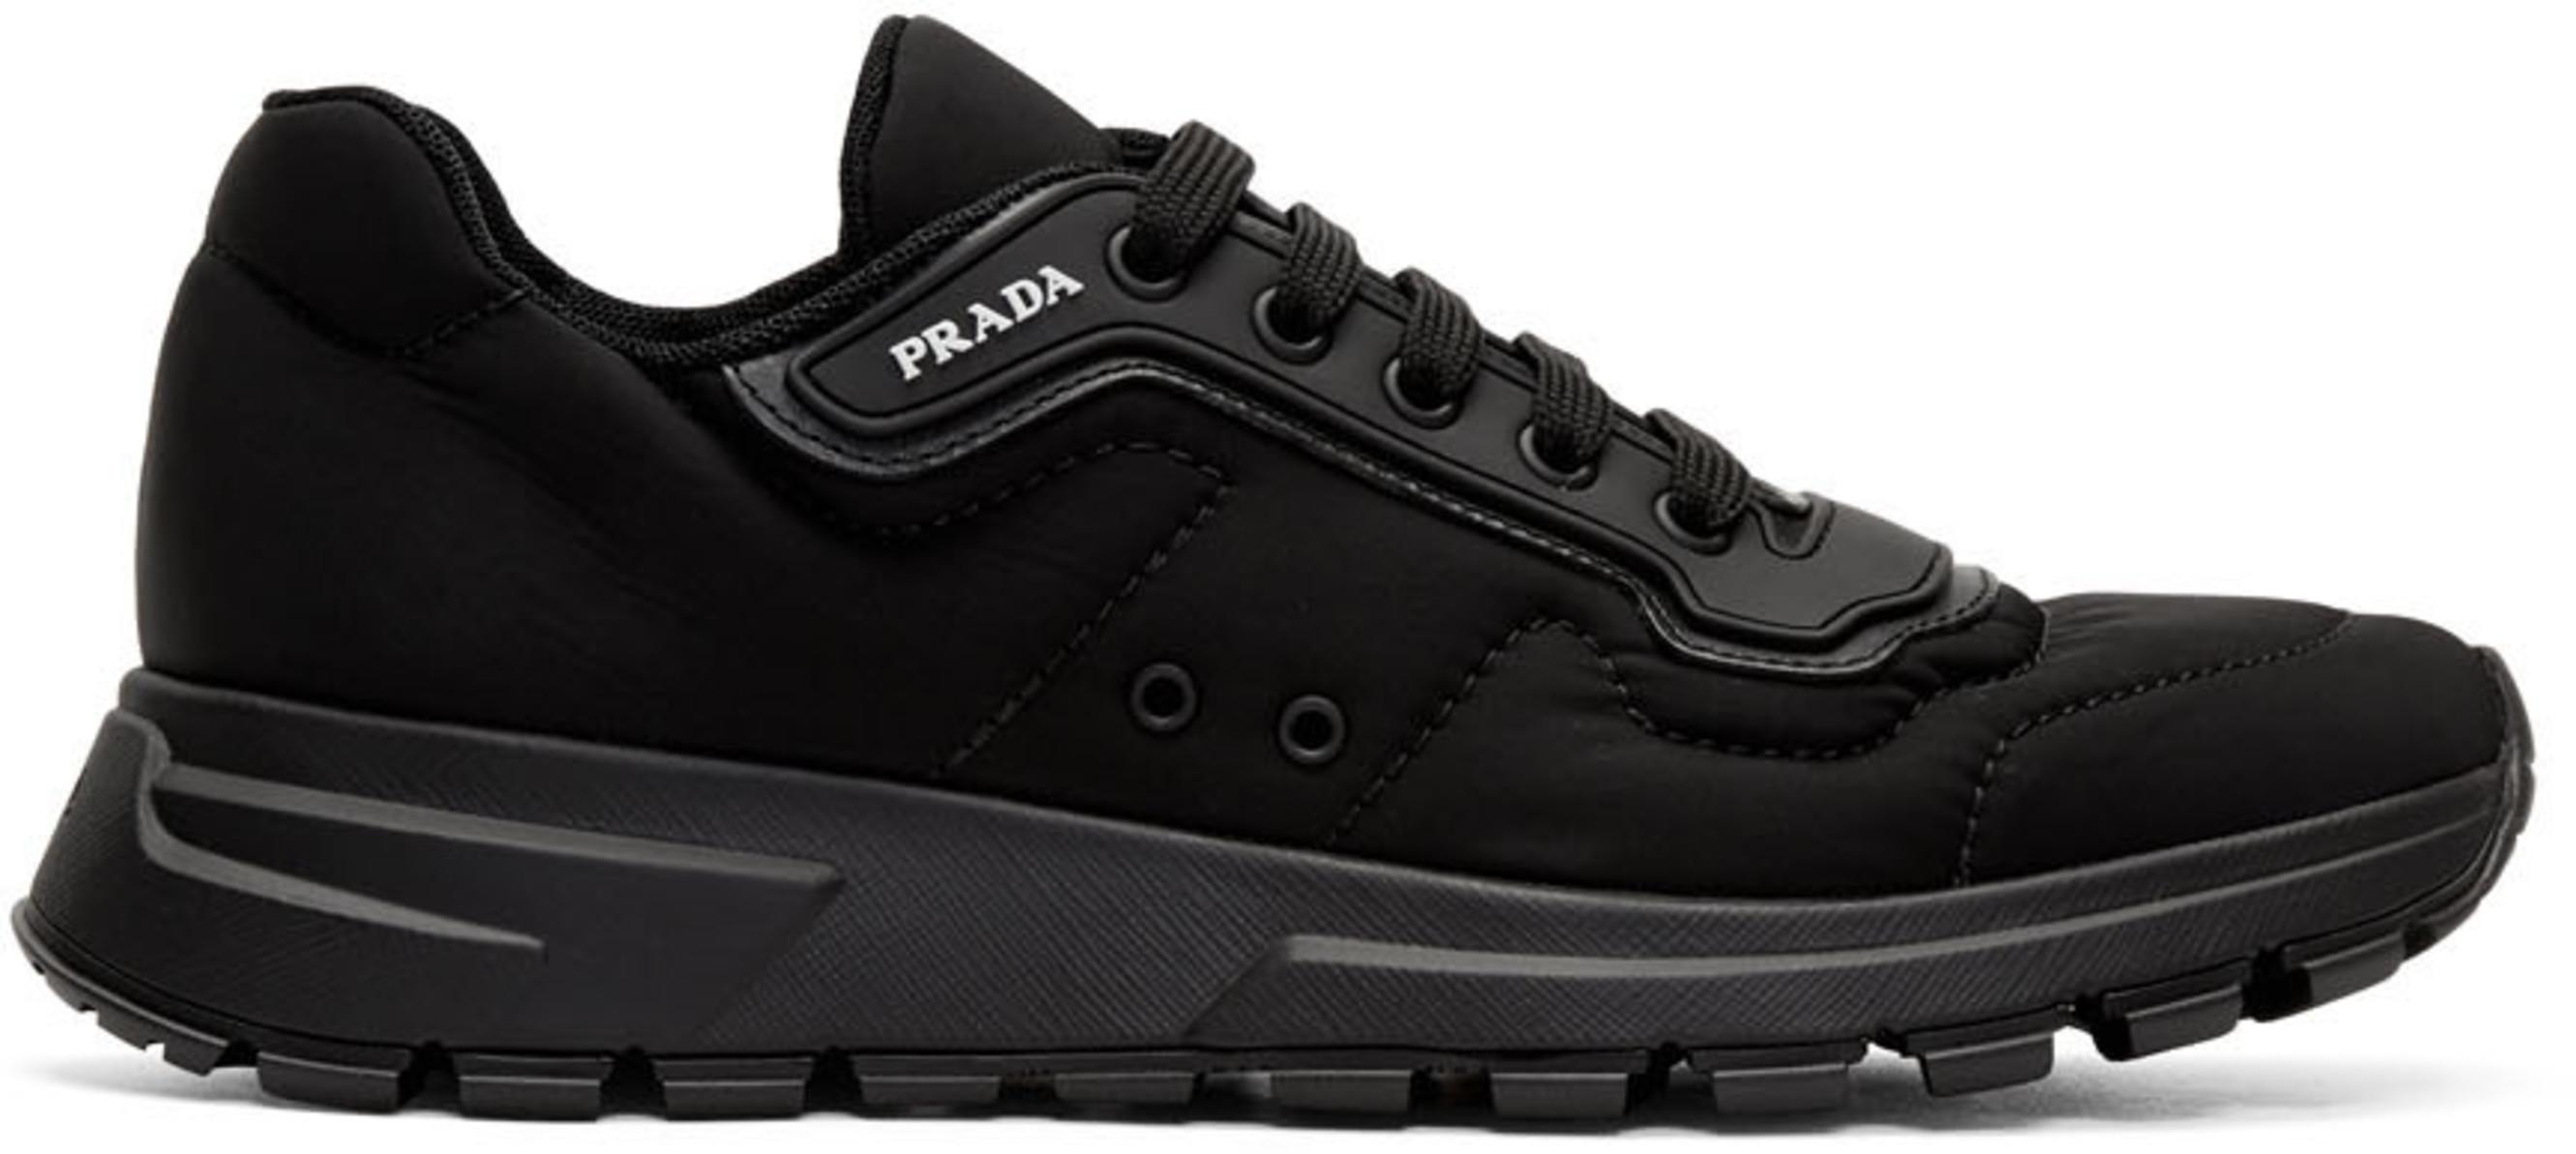 920d13265c92d Prada shoes for Men